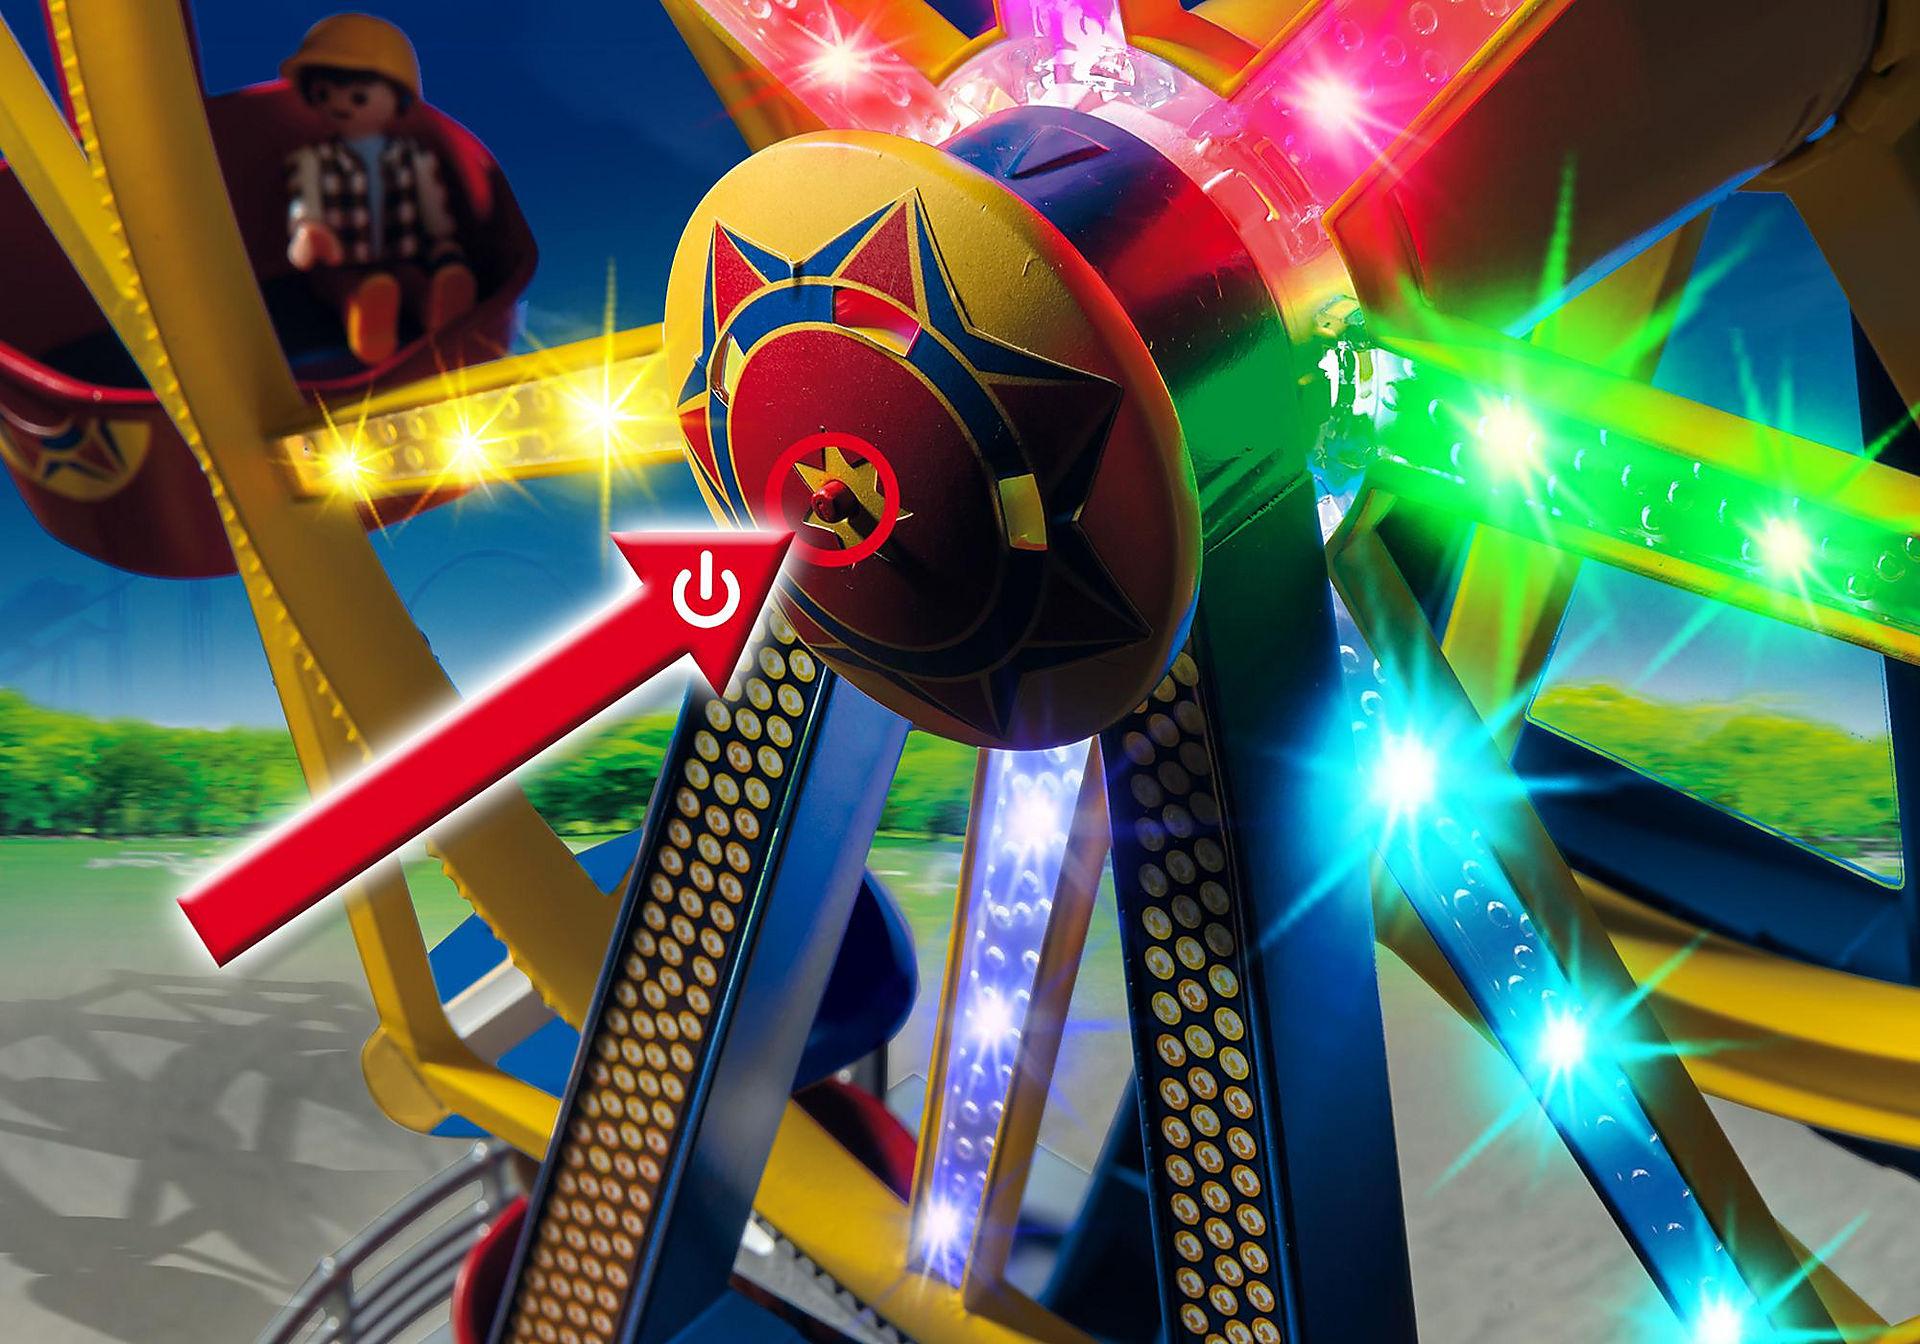 http://media.playmobil.com/i/playmobil/5552_product_extra1/Roda-gigante com Luzes